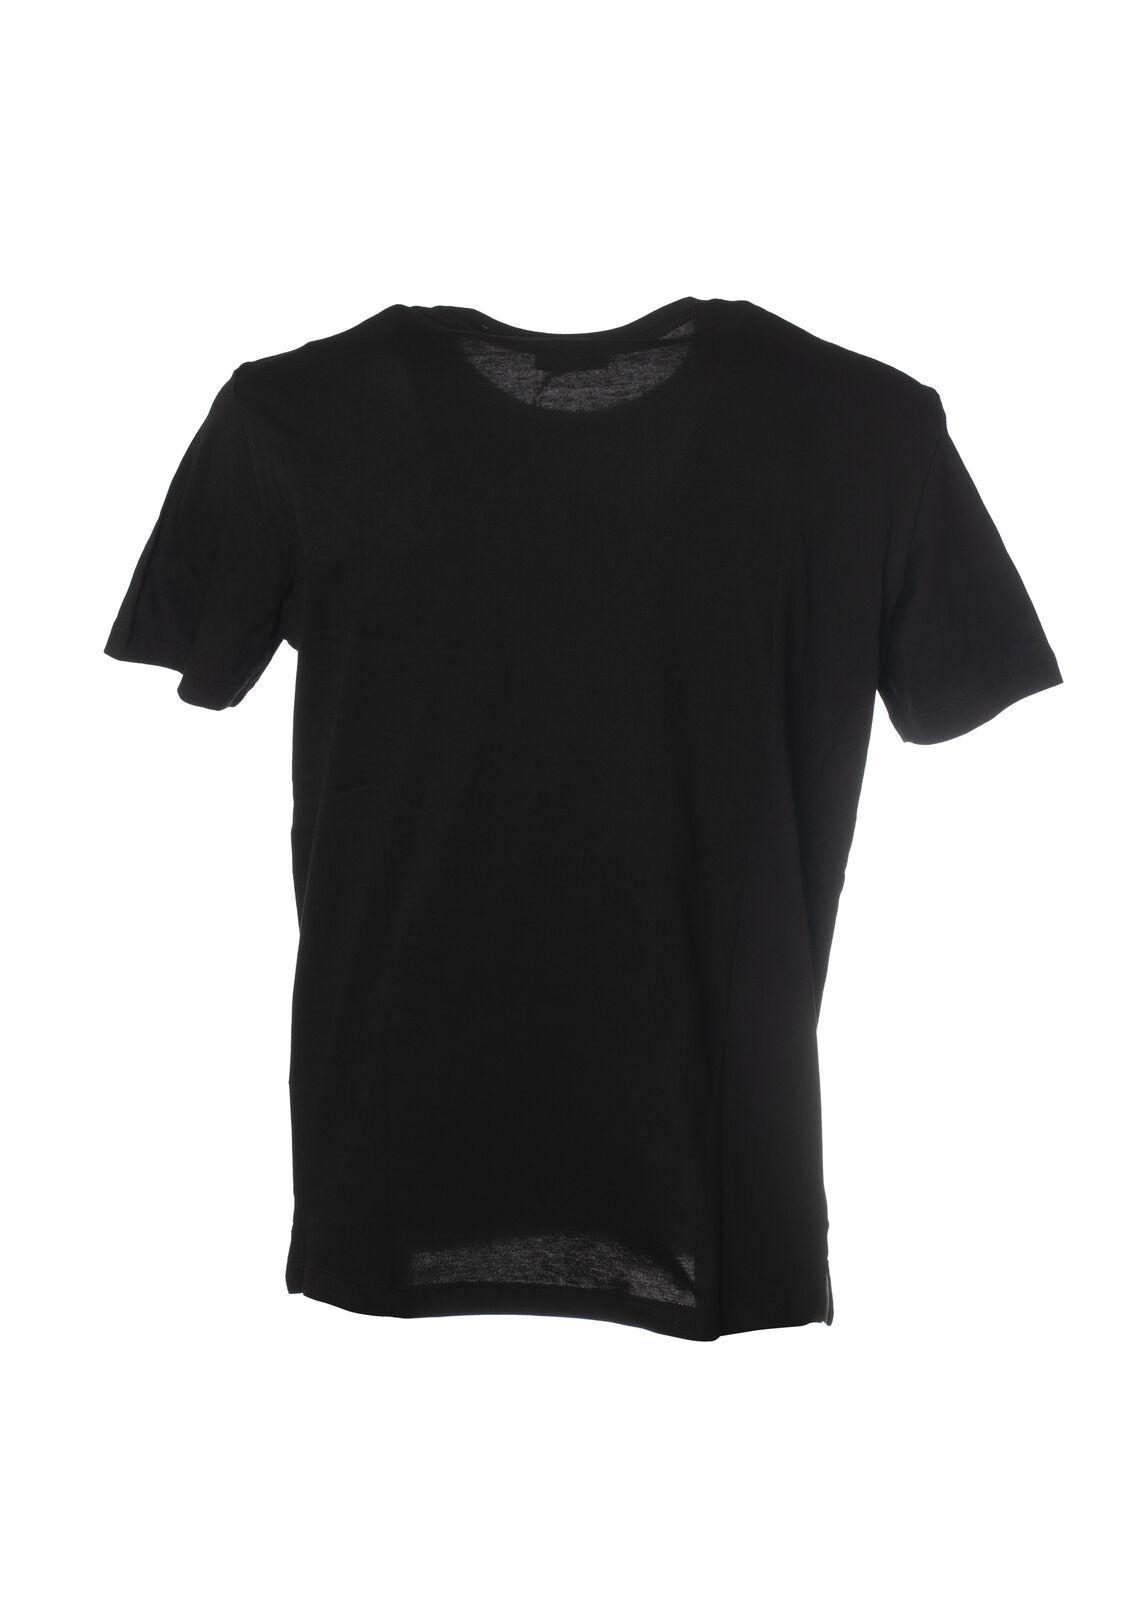 Paolo Paolo Paolo Pecora - Topwear-T-shirts - Uomo - Nero - 6171908D191612 552acf